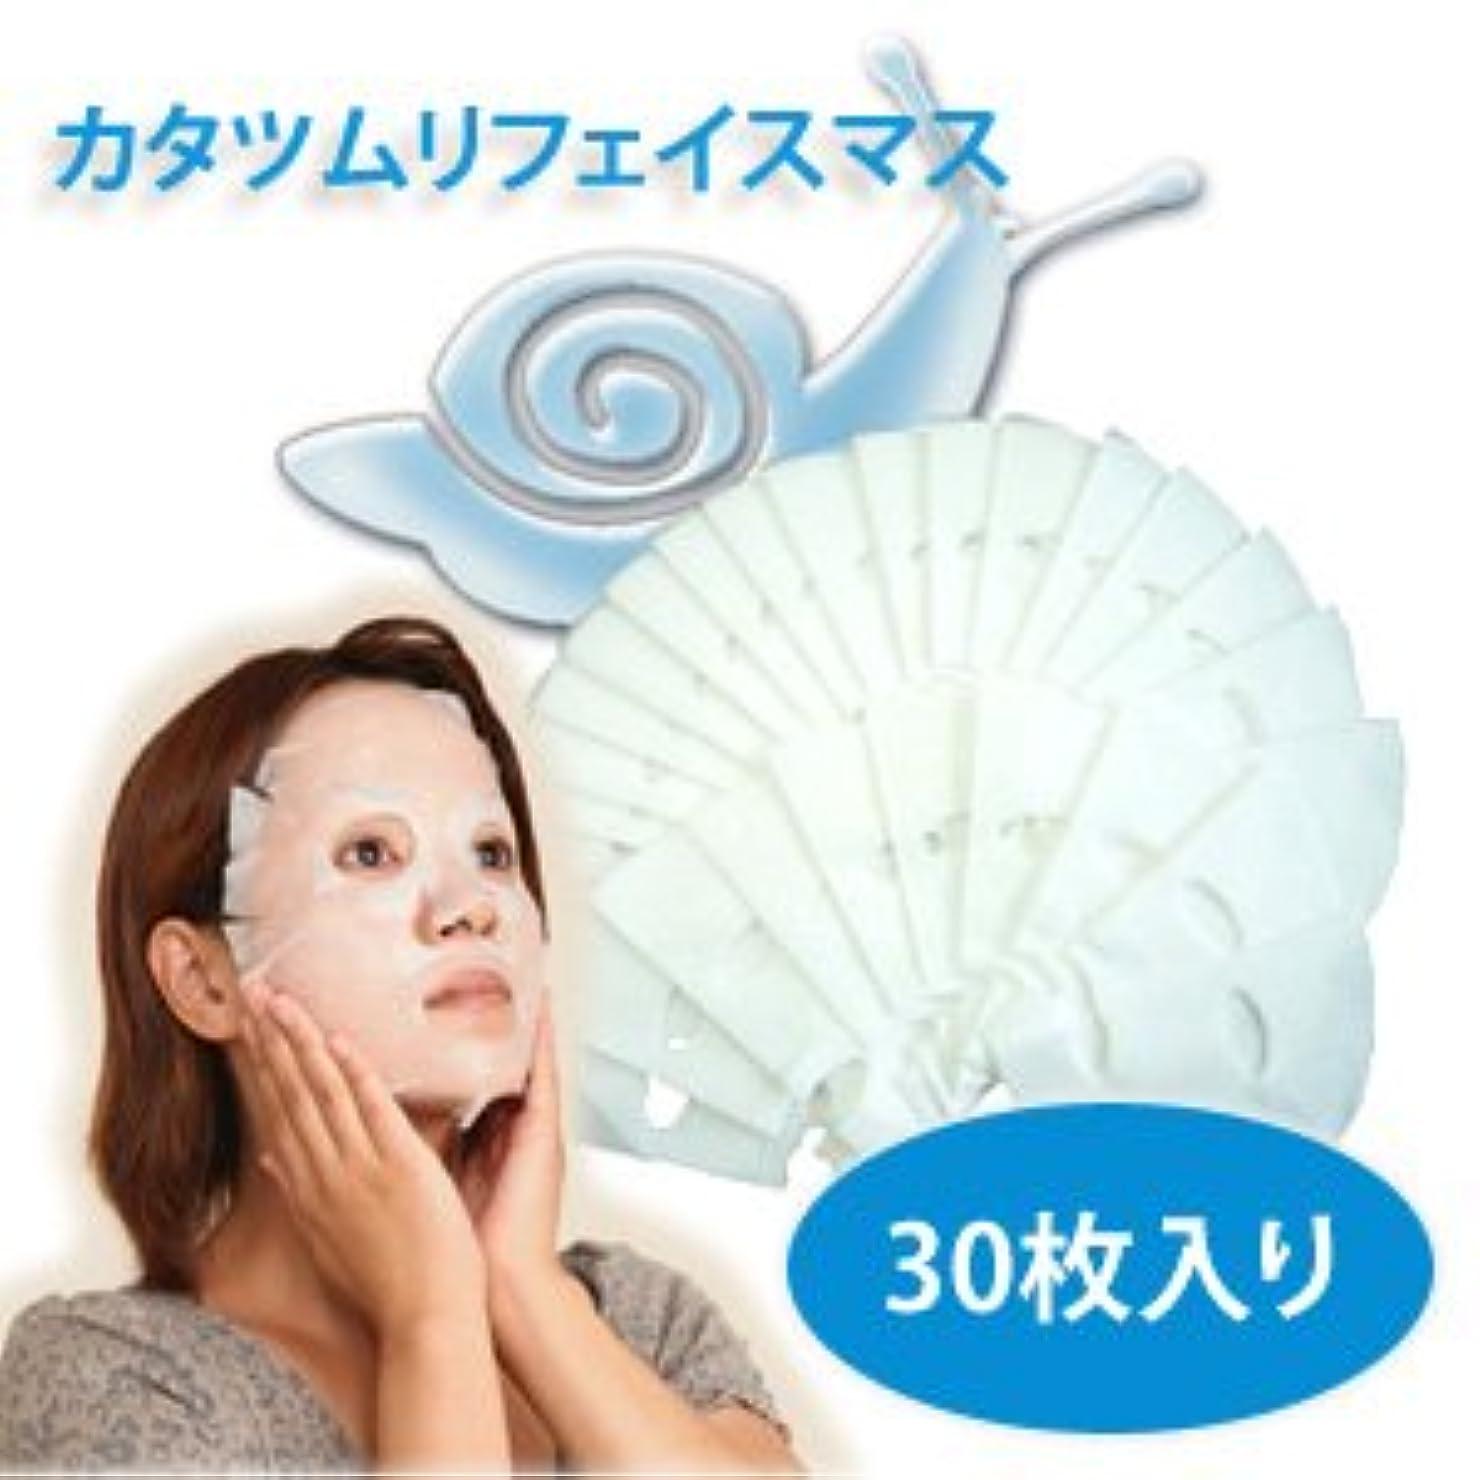 ソロ喜ぶ生じる【かたつむり粘液配合】カタツムリフェイスマスク 30枚入り